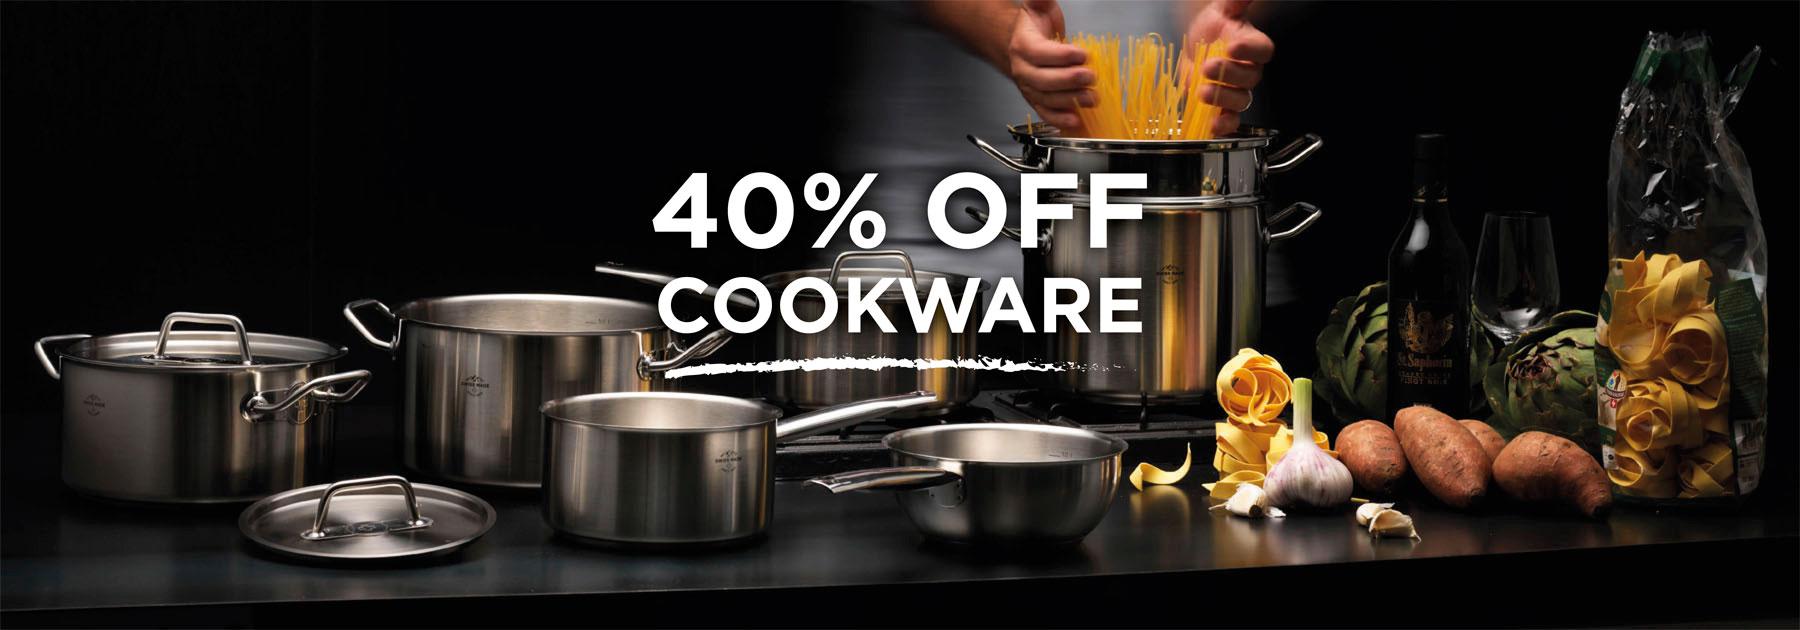 kuhn, rikon, Cookware, Saucepans, casserole, pots, Offers, Black friday